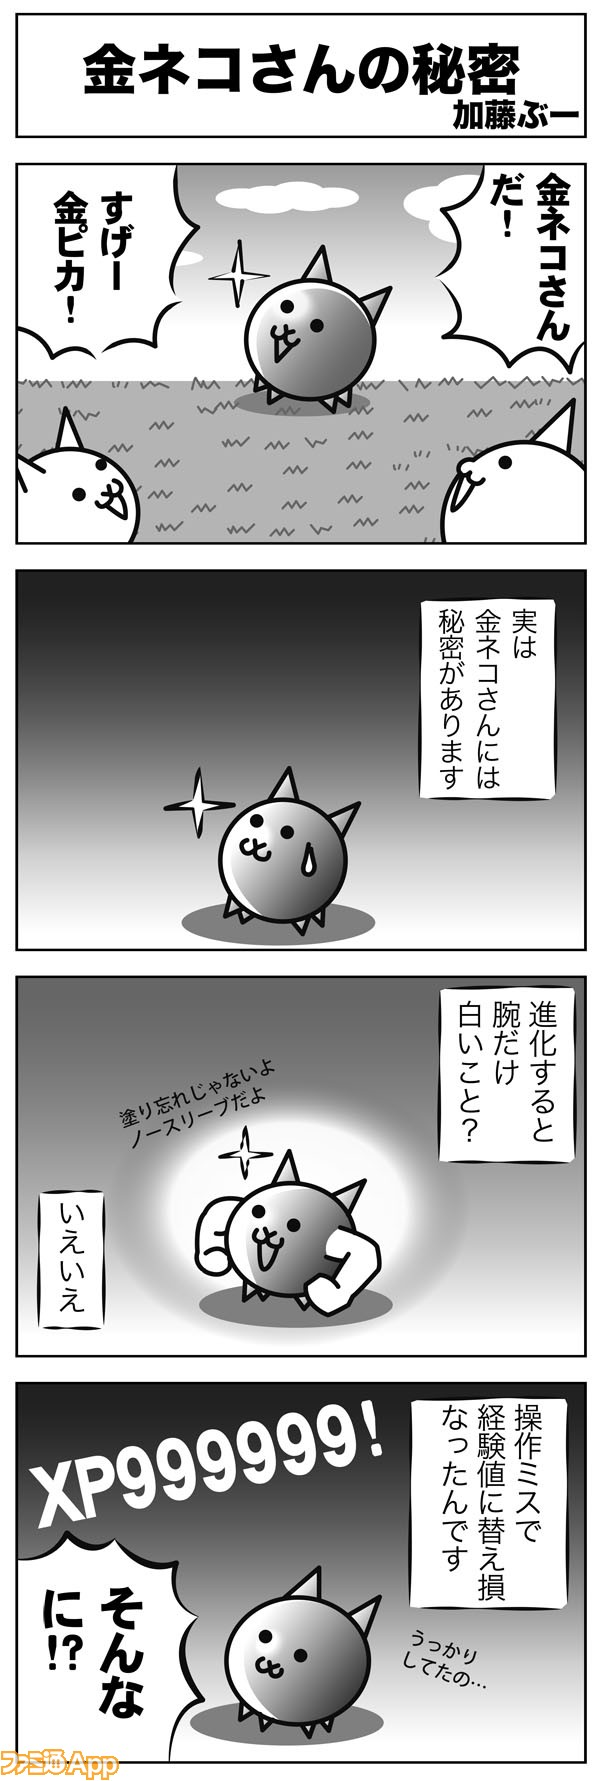 04kato_078